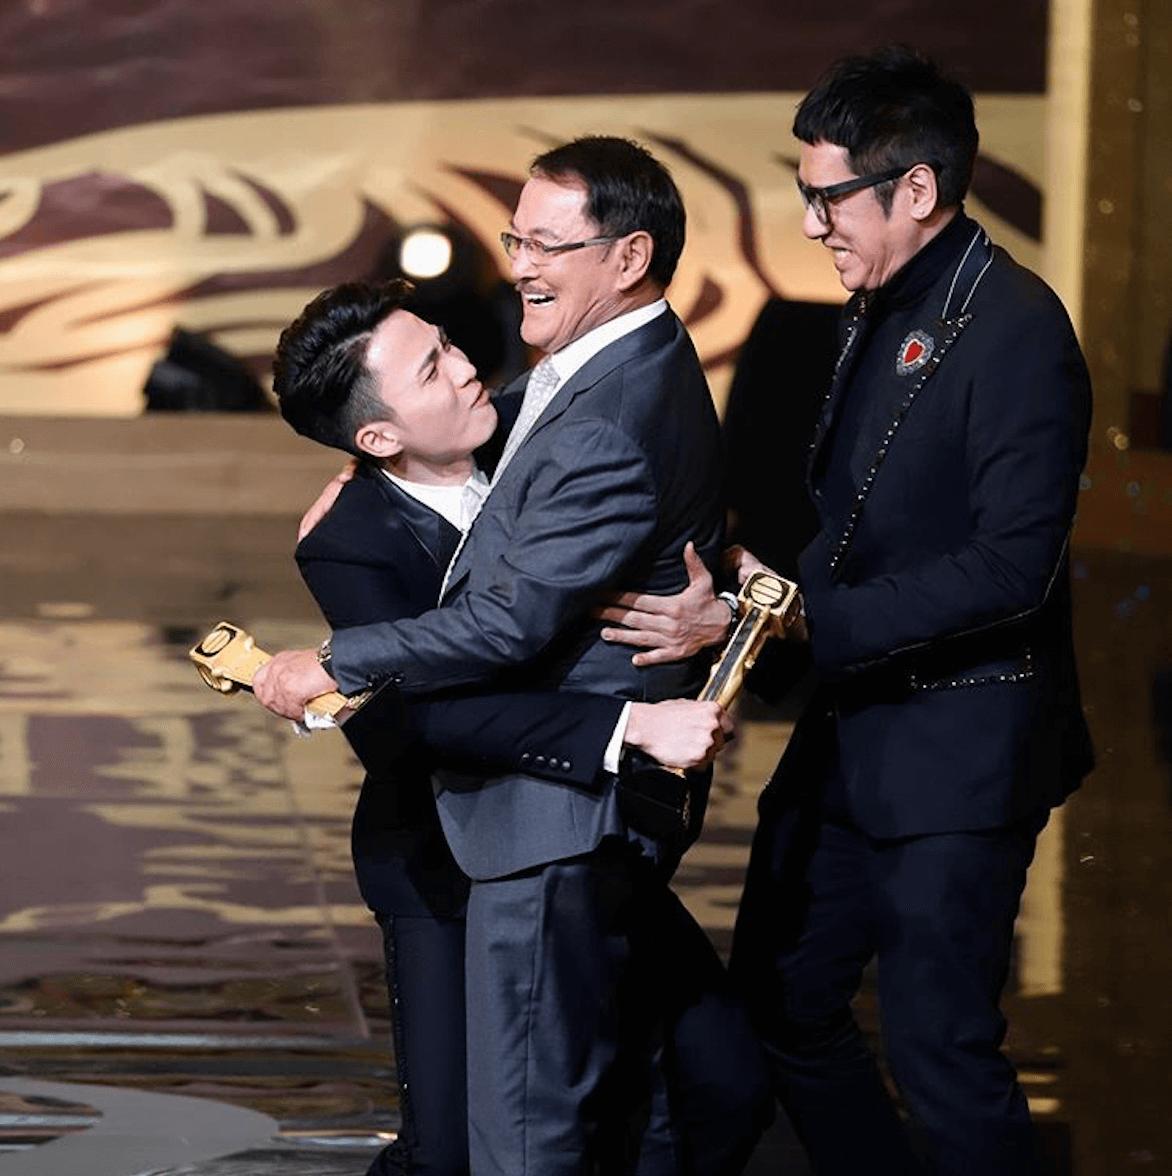 與「萬千光輝演藝人大獎」的劉丹擁抱